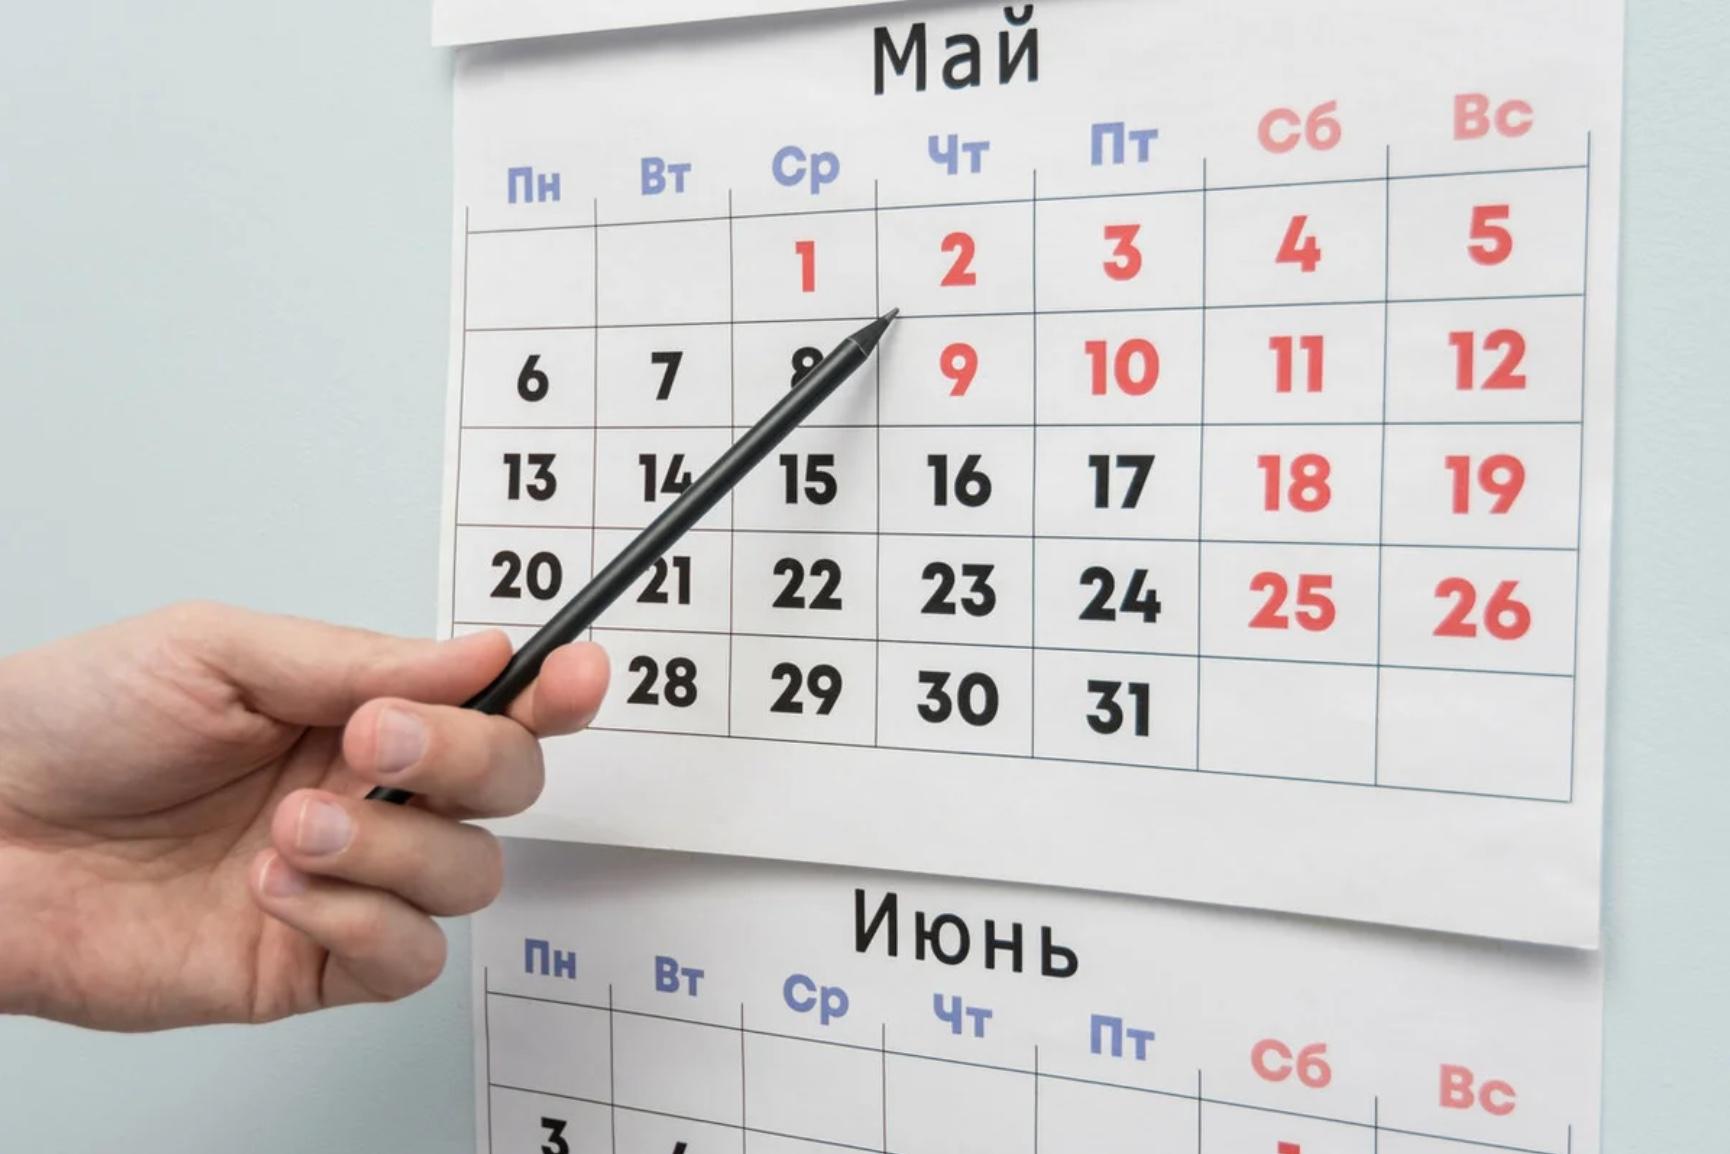 Как рассчитают зарплату в майские выходные?